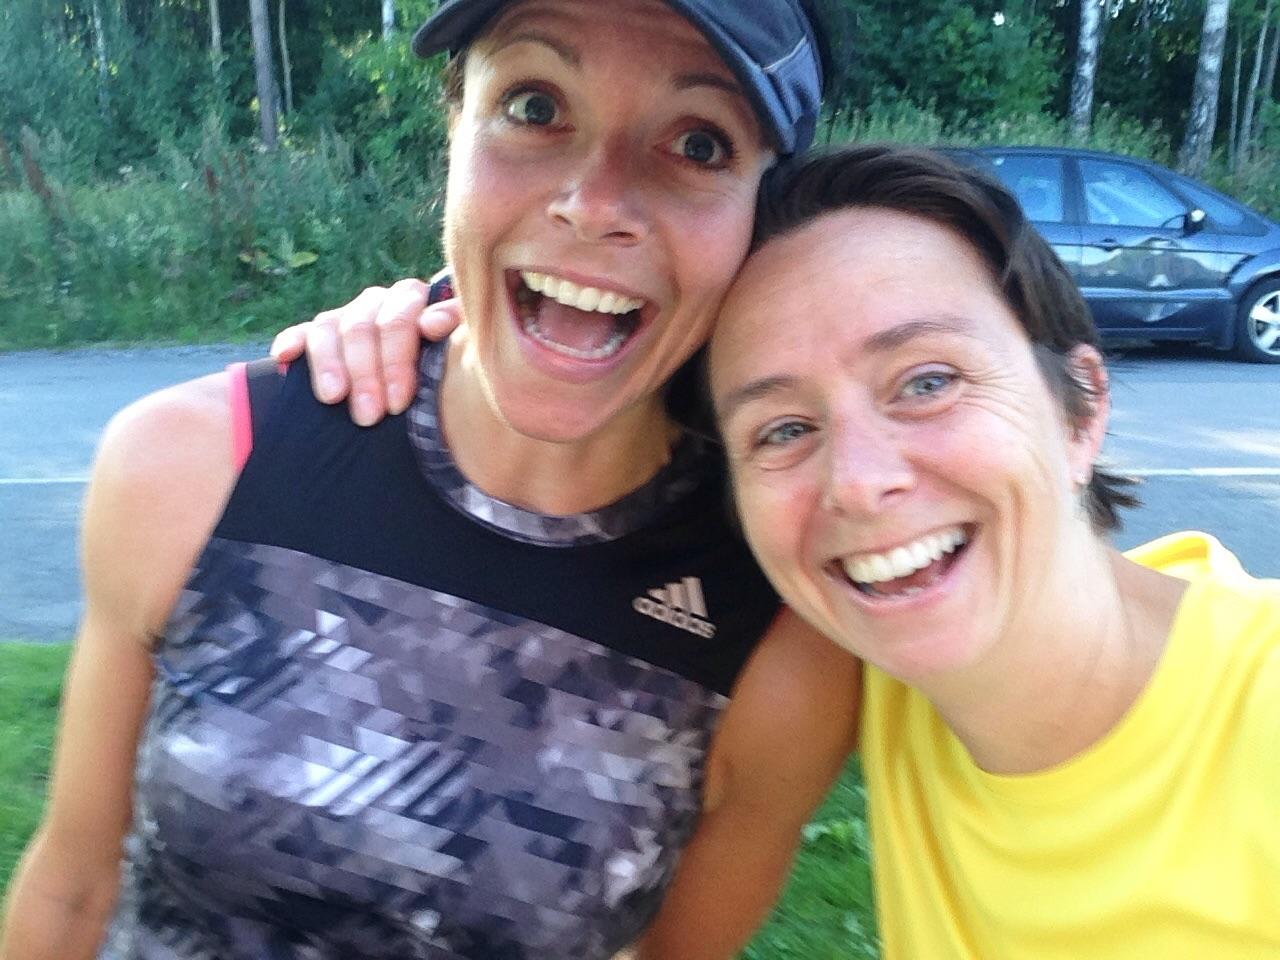 Marit løp ecotrail 80, så ja. Og hun gule bærta da?